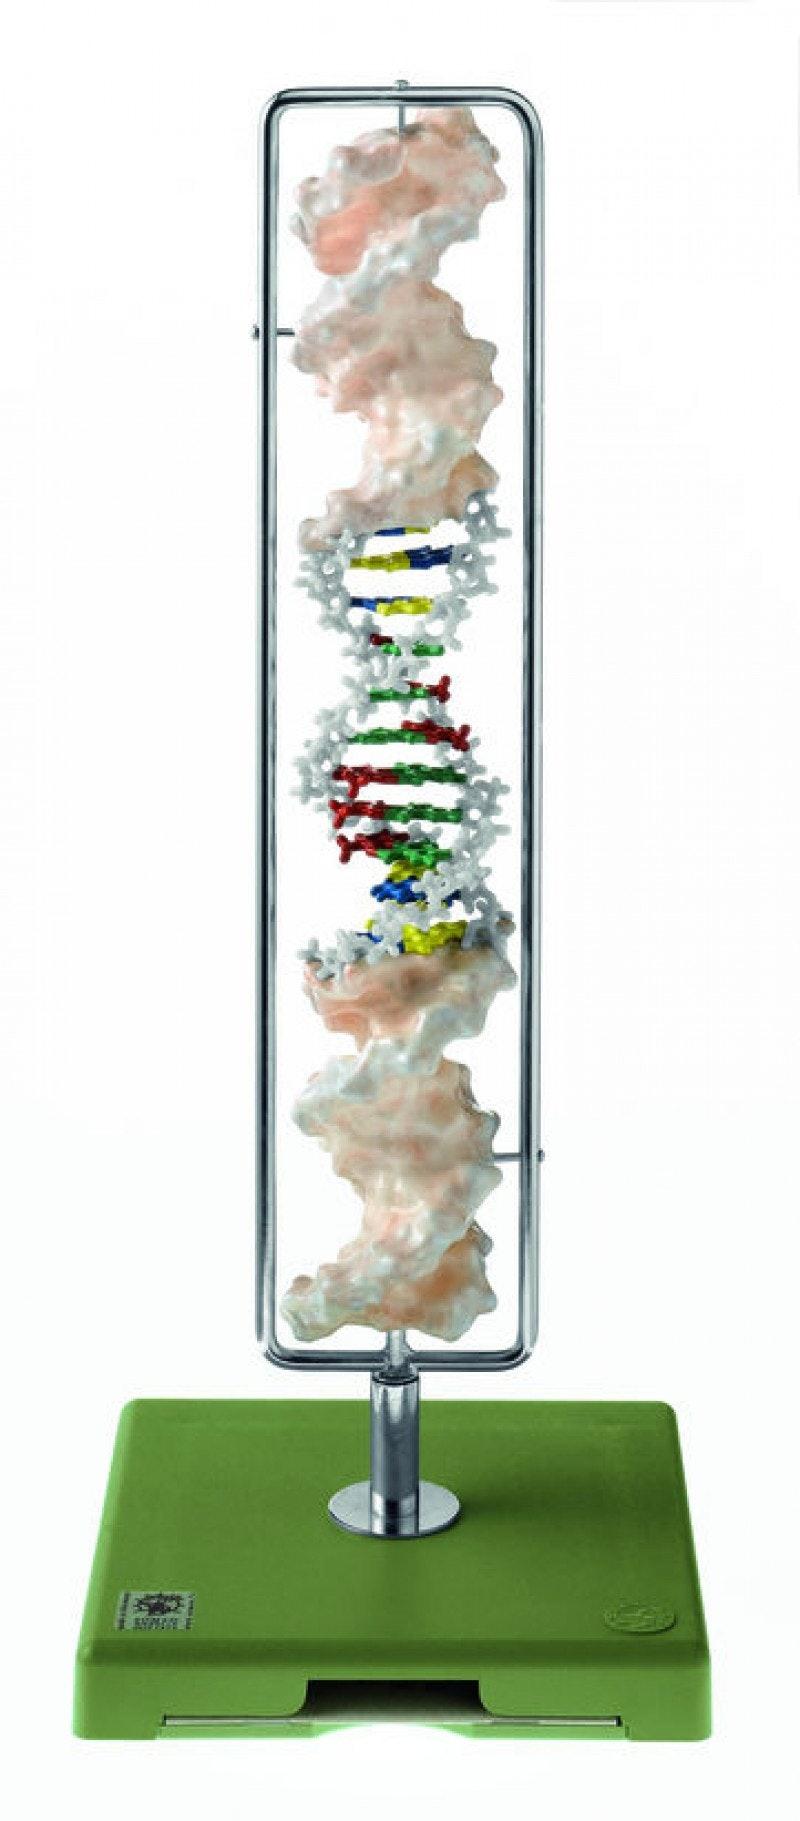 SOMSO DNA dobbel helix model